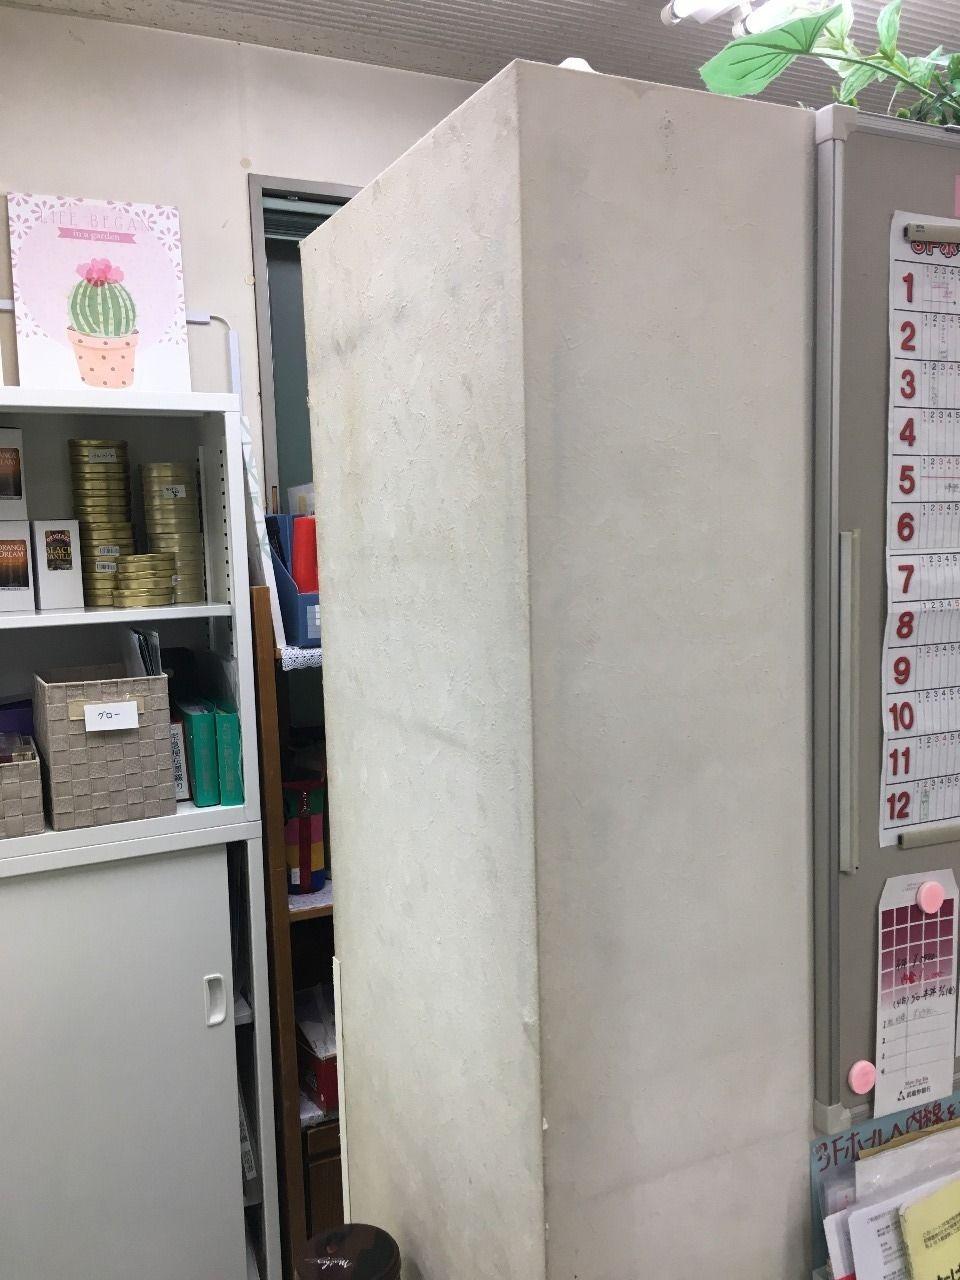 ア・ス・ヴェルデ管理事務所内の壁紙補修をしました!!